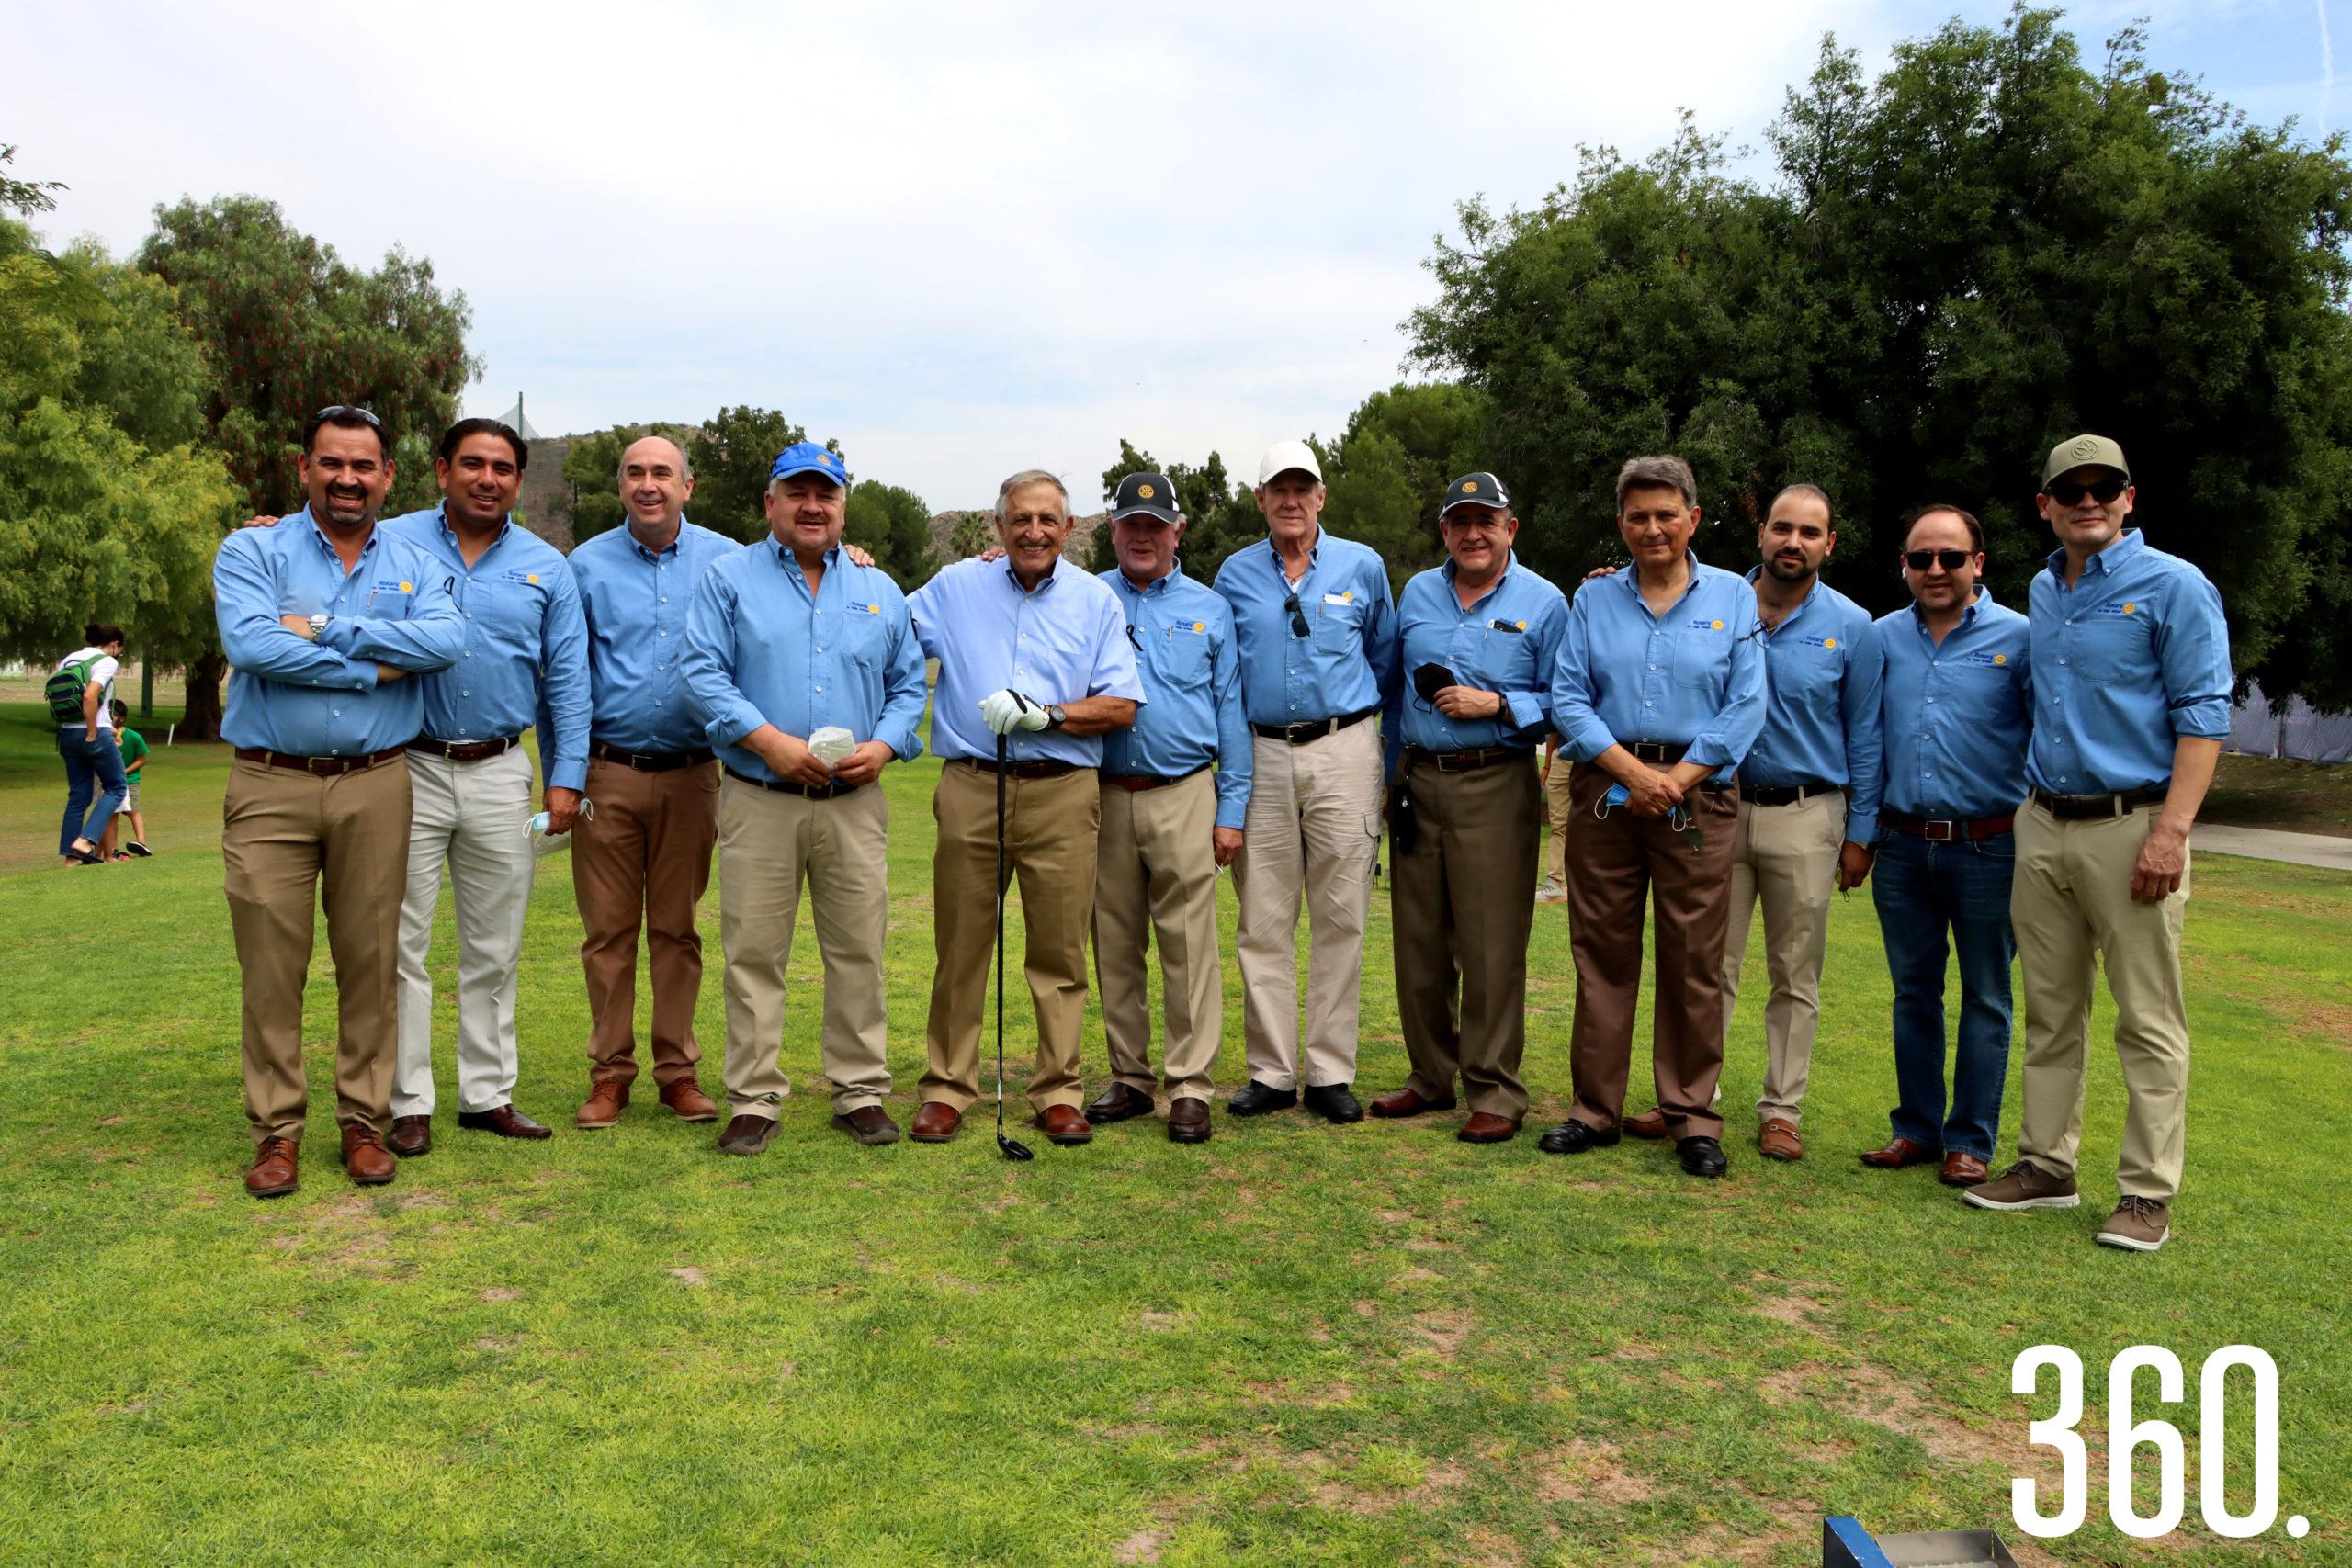 Carlos Shwetzer presidente del club, Alberto Lara presidente del torneo y los integrantes del Club Rotario Saltillo de Valle Arizpe con el homenajeado Carlos Mery Milán en la salida hacia el hoyo #1